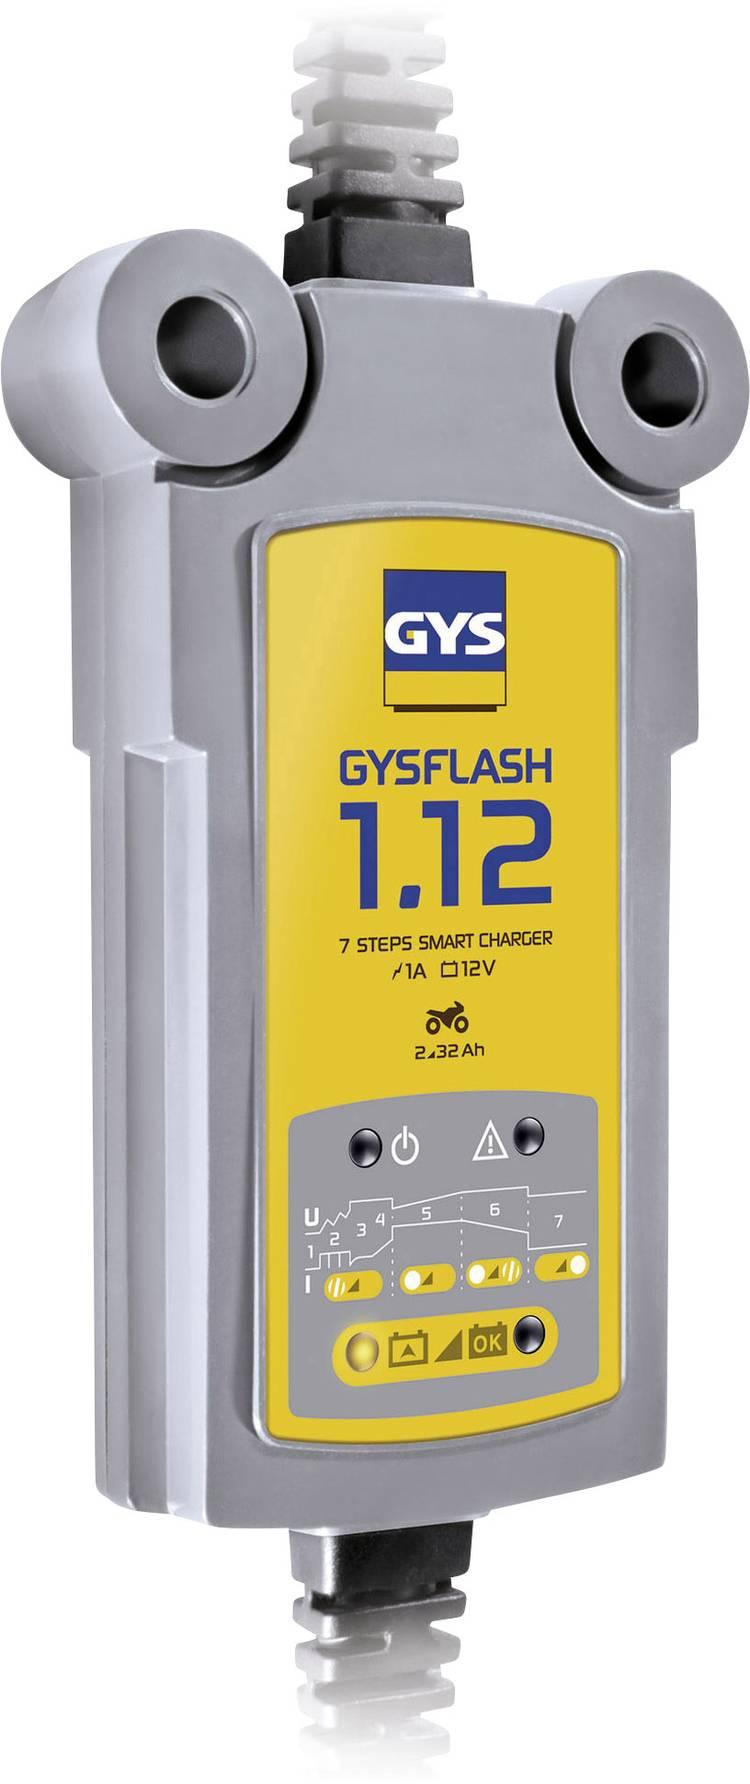 Druppellader GYS GYSFLASH 1.12 12 V 1 A